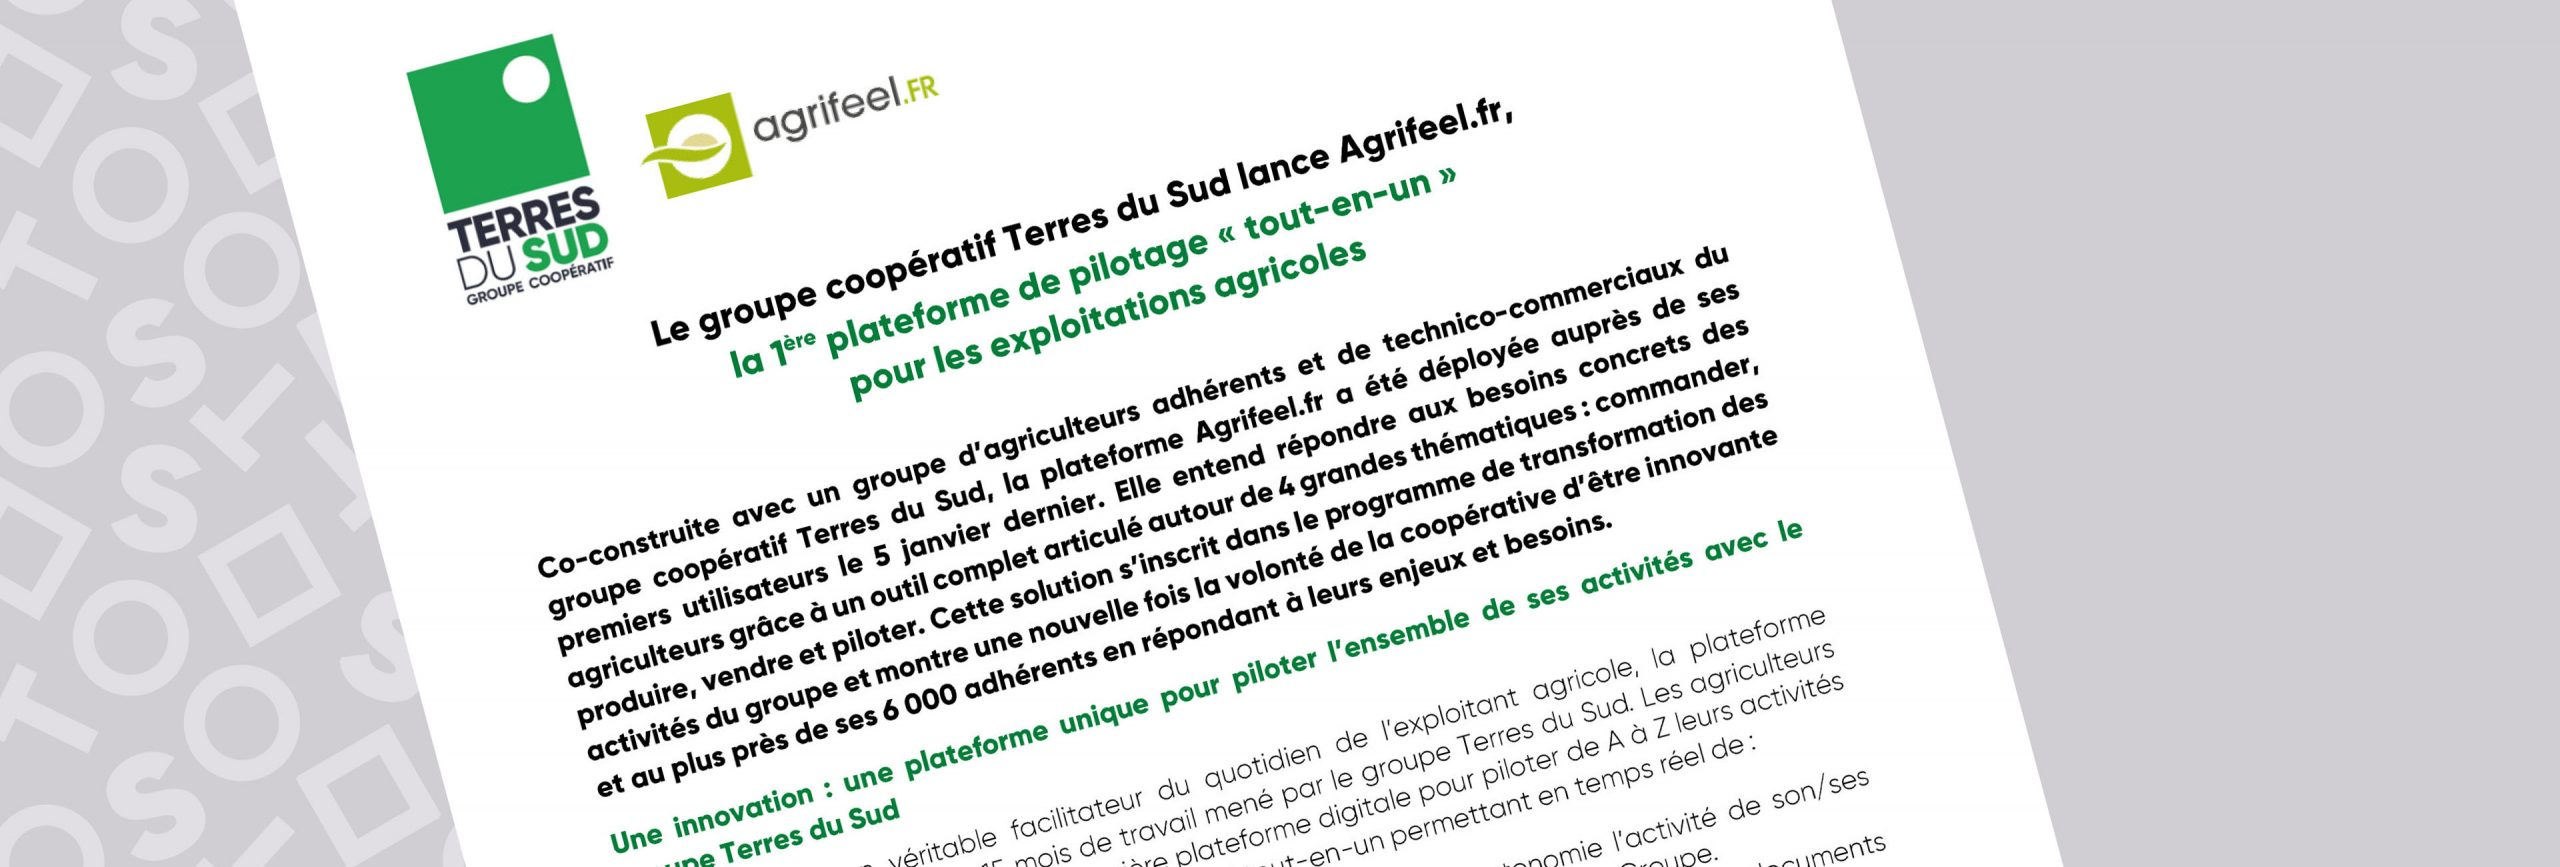 Communiqué de presse Agrifeel.fr terres du sud